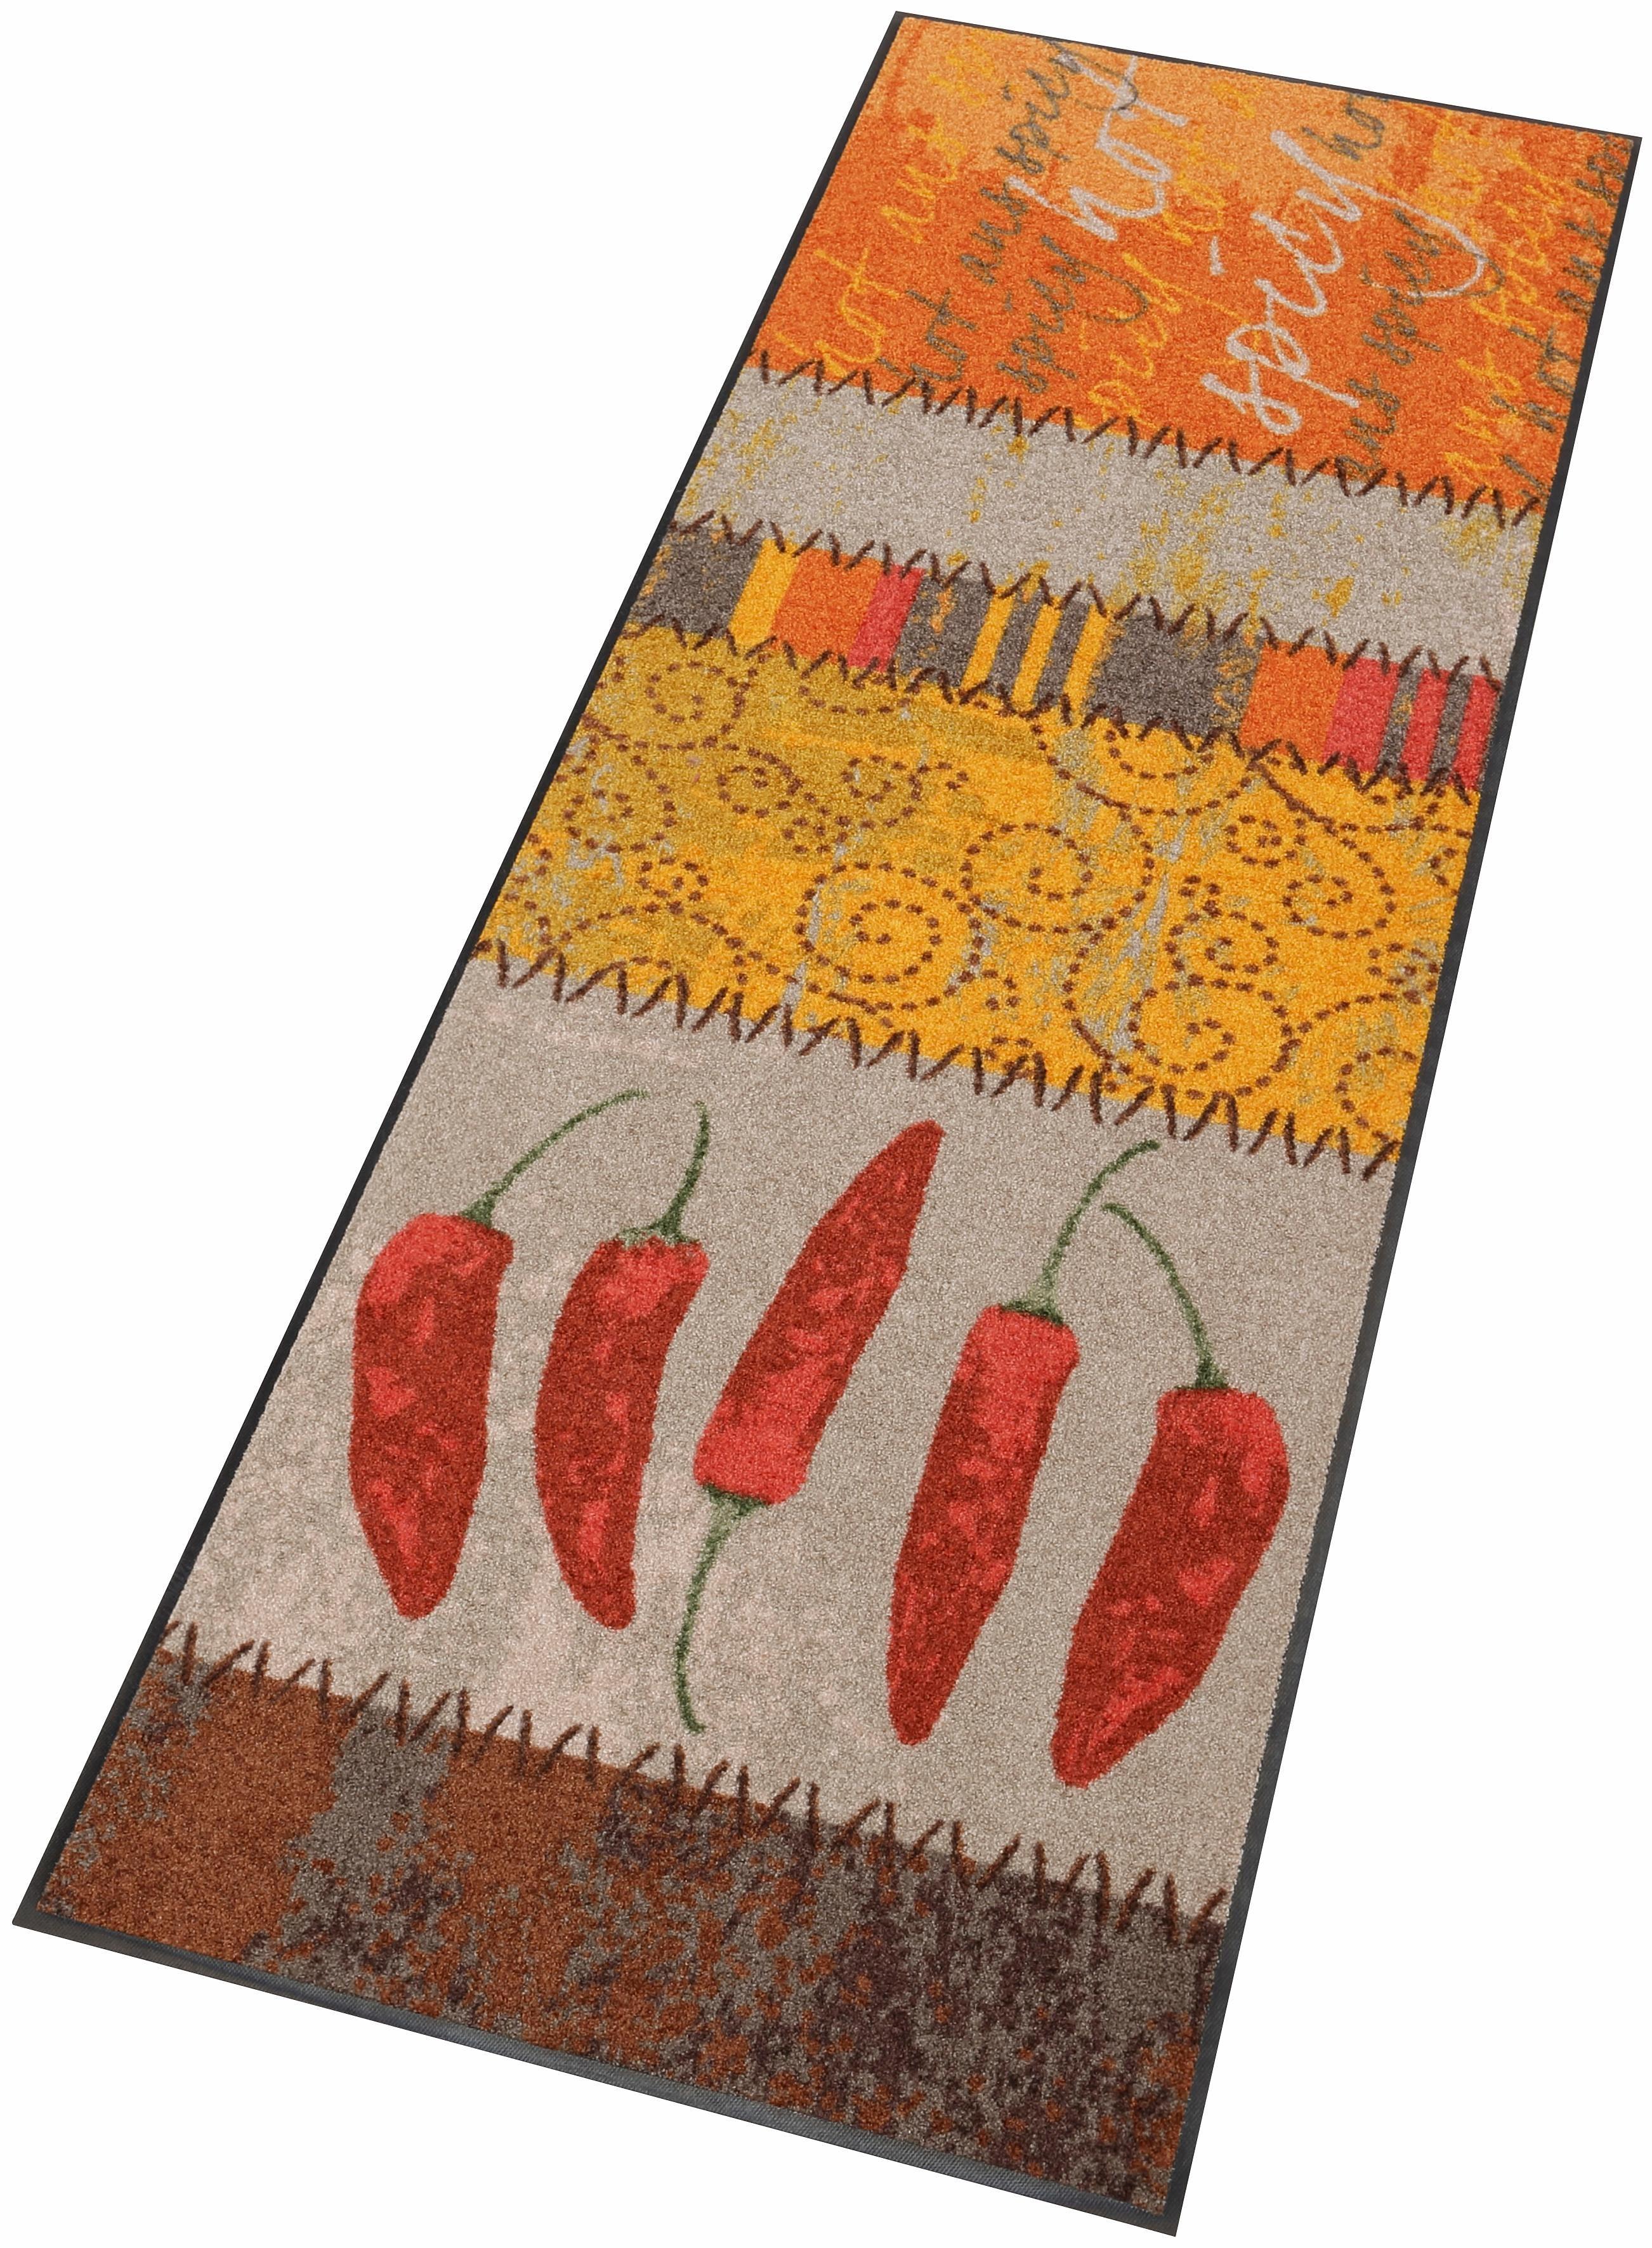 Küchenläufer »Chili«, Salonloewe, rechteckig, Höhe 7 mm, In- und Outdoor geeignet, waschbar